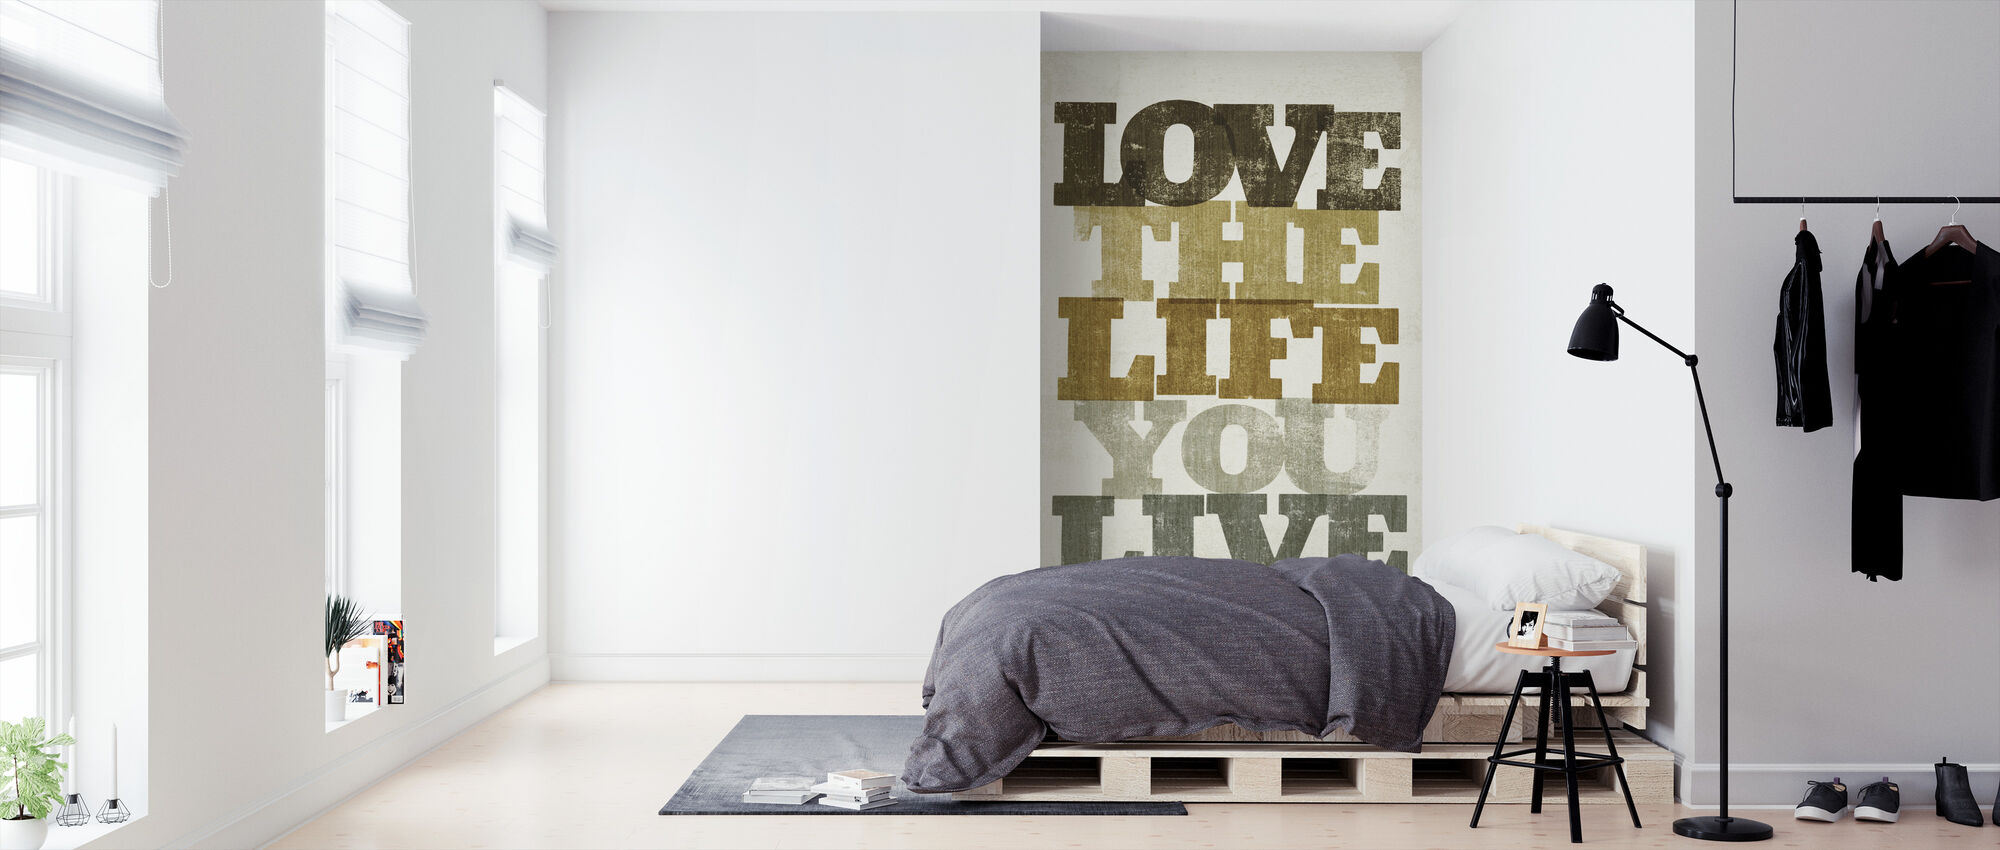 Live and Love II - Wallpaper - Bedroom